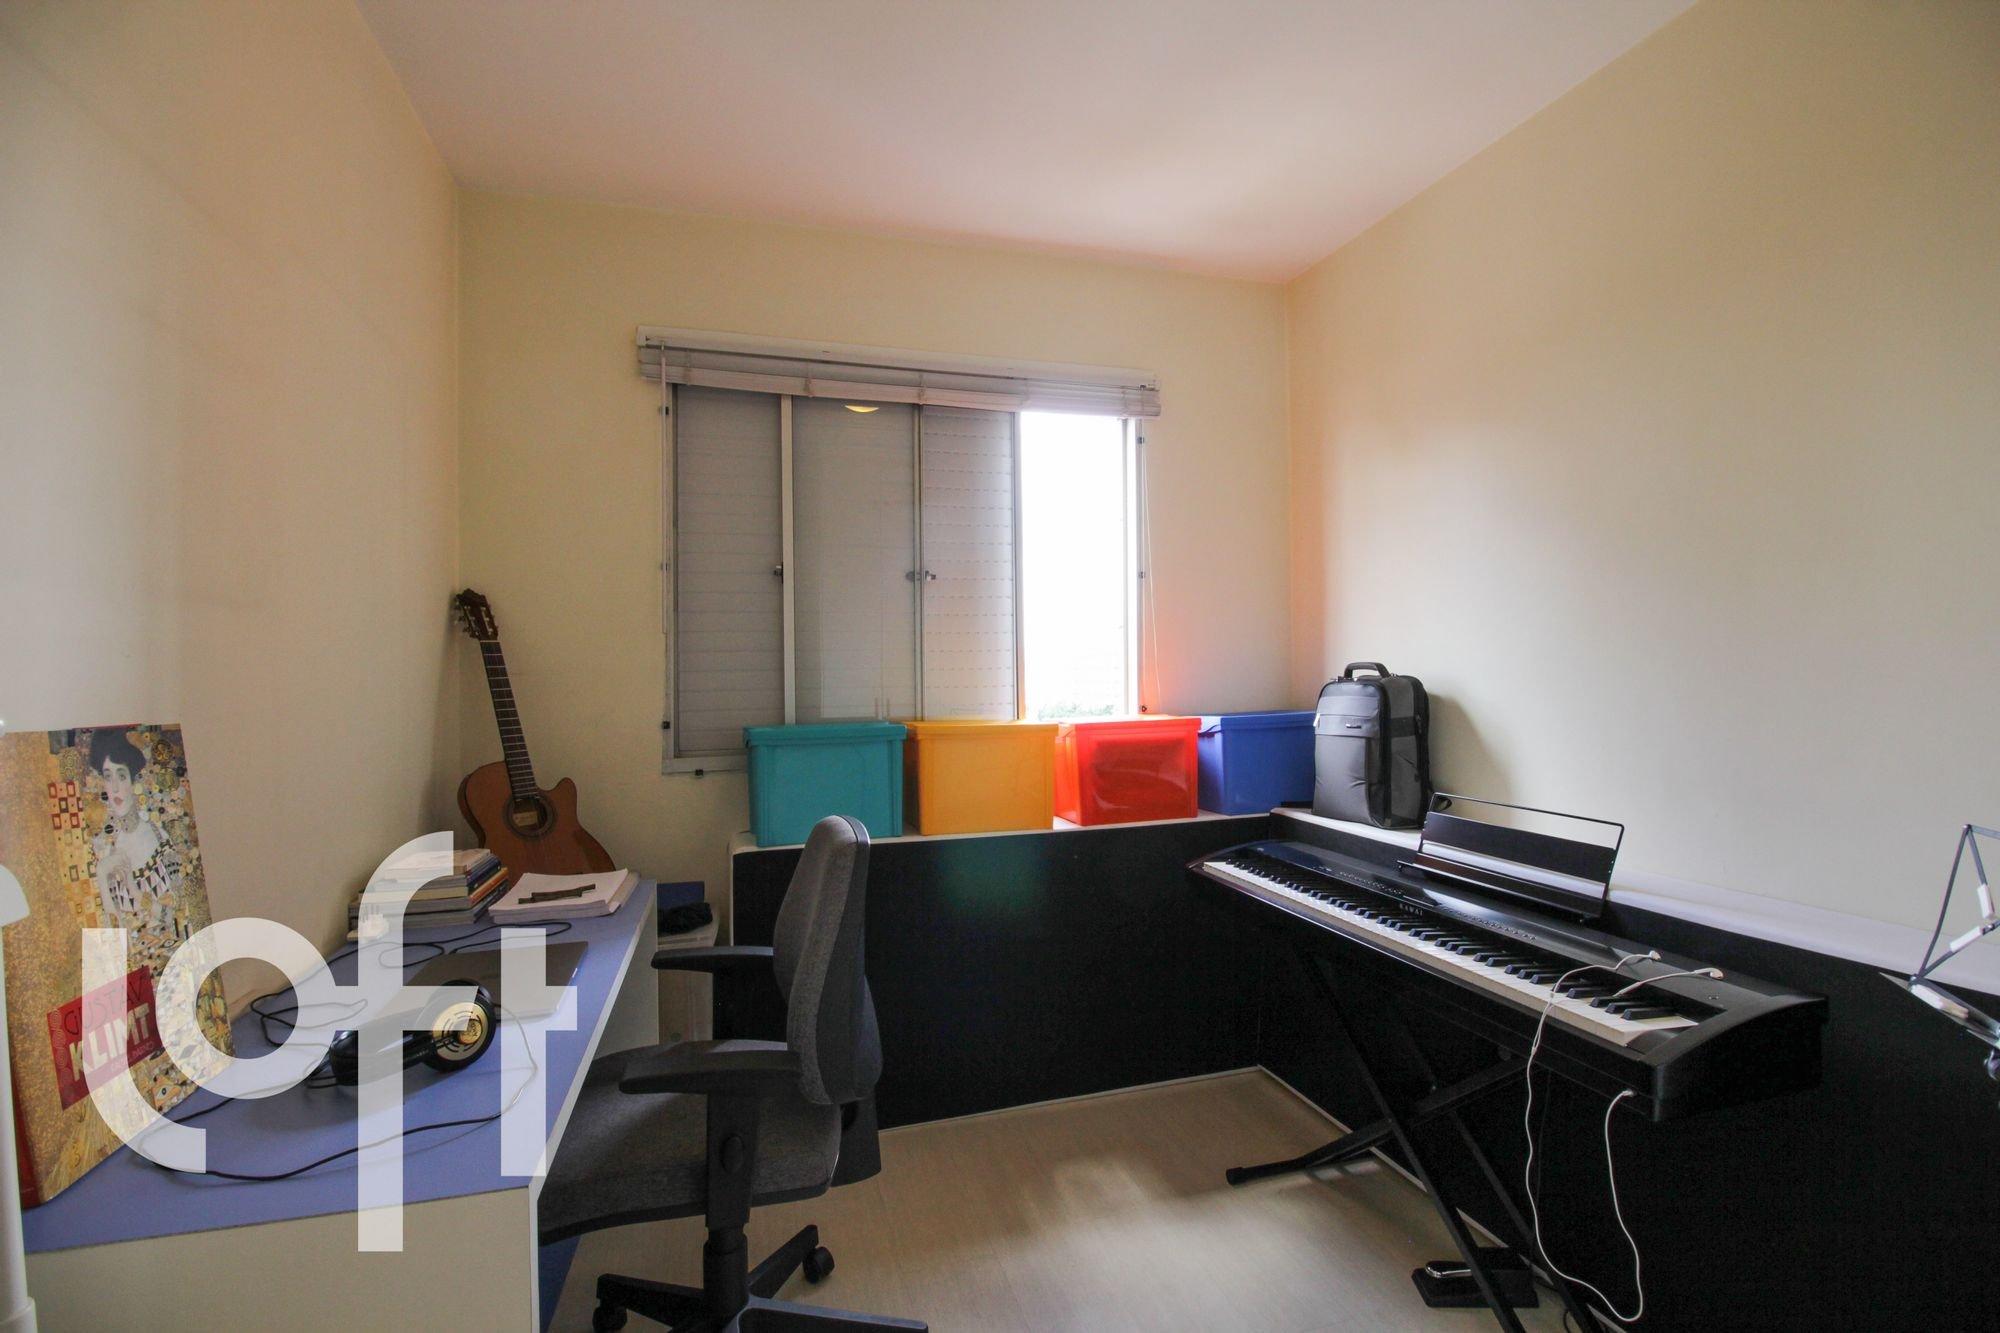 Foto de Sala com mouse, televisão, cadeira